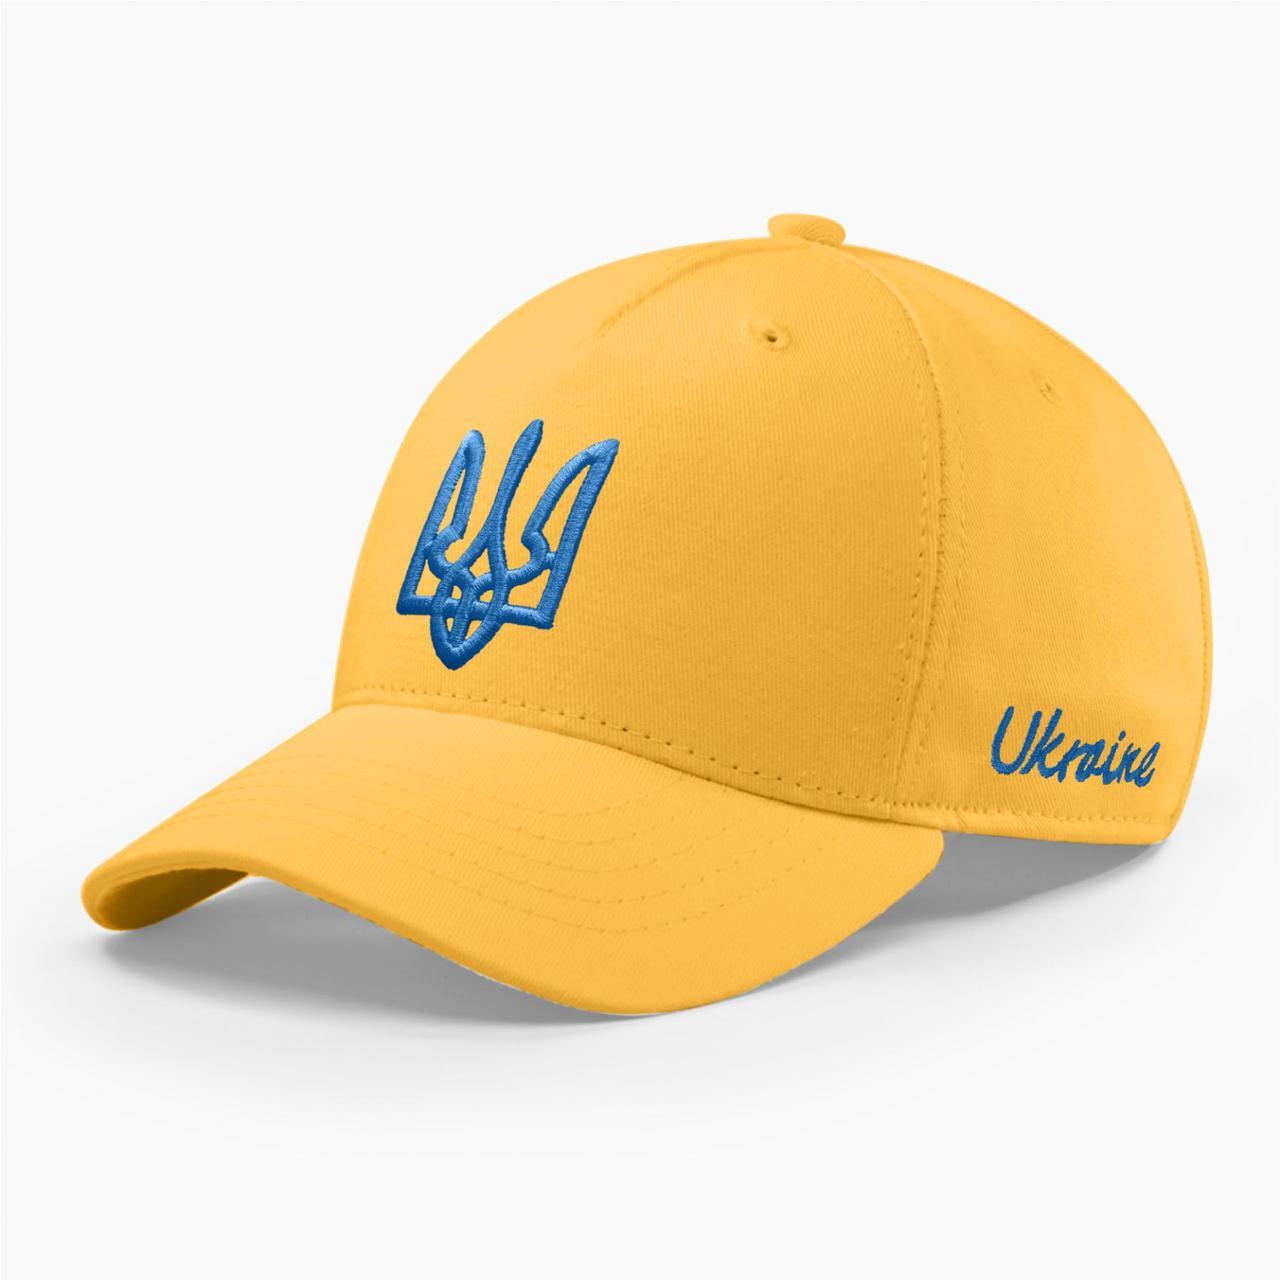 Детская кепка бейсболка INAL с гербом Украины XS / 51-52 RU Желтый 245851